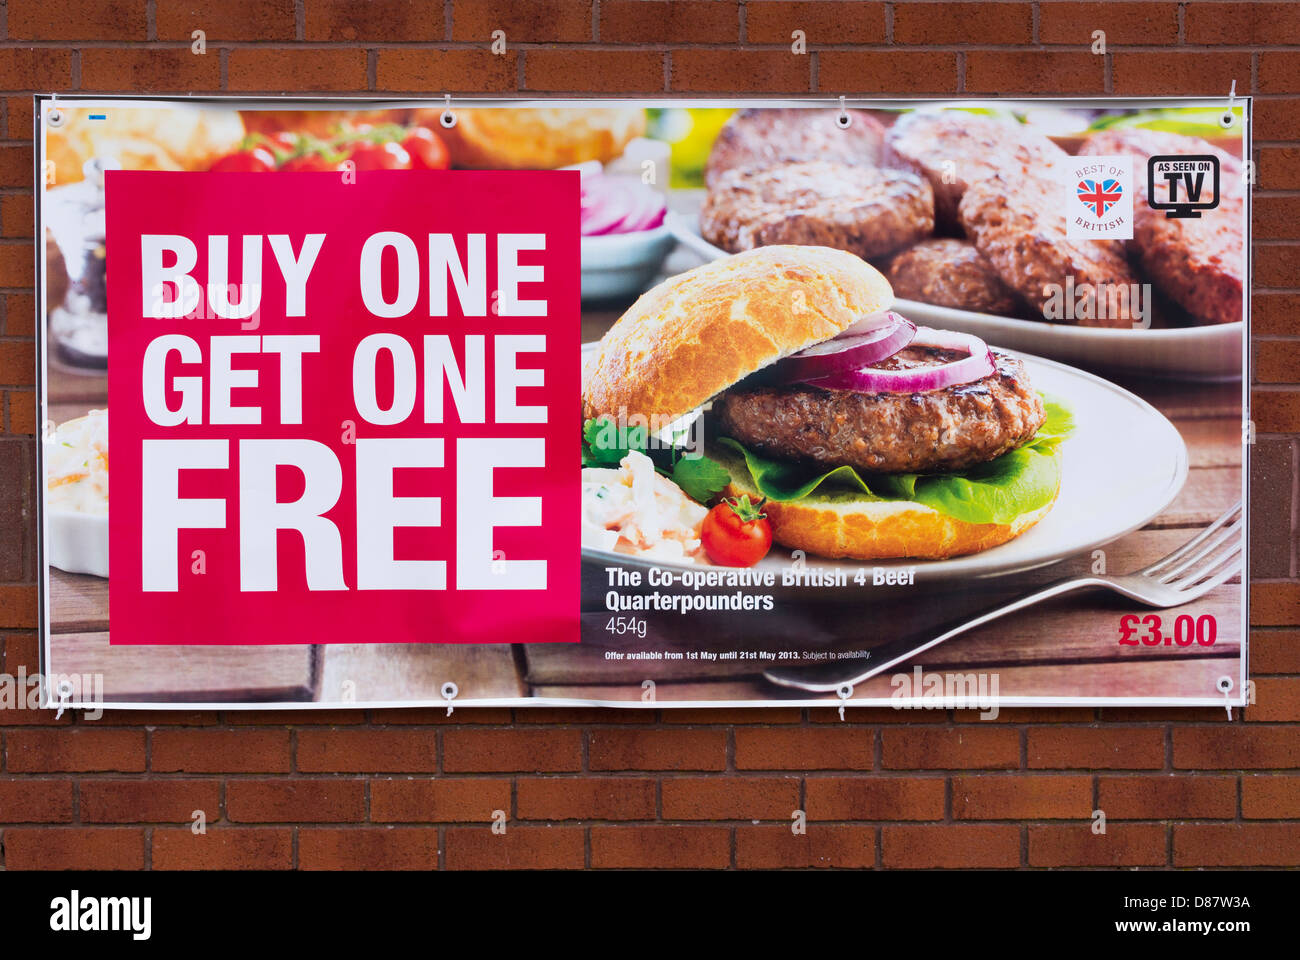 Compre uno y reciba uno gratis trato de comida barata de hamburguesas en un cartel en un supermercado co-op store Imagen De Stock